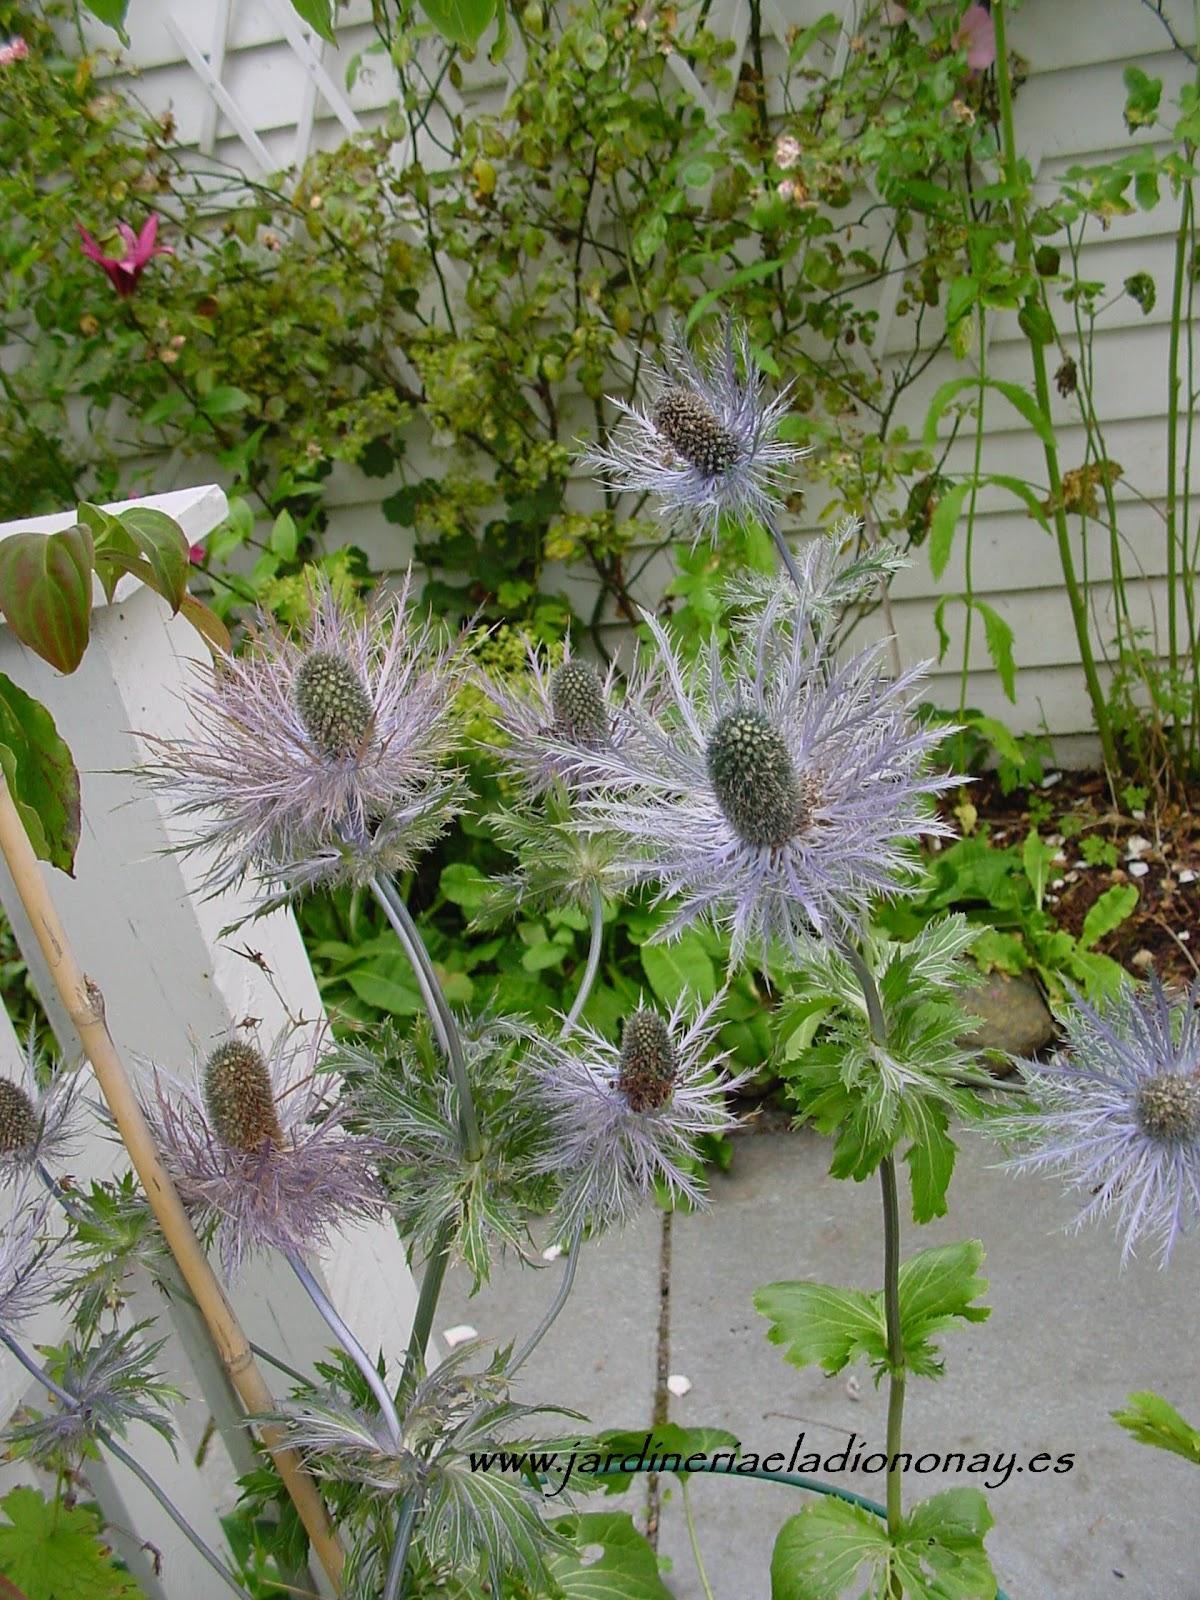 Jardineria eladio nonay eryngium alpinum jardiner a - Jardineria eladio nonay ...